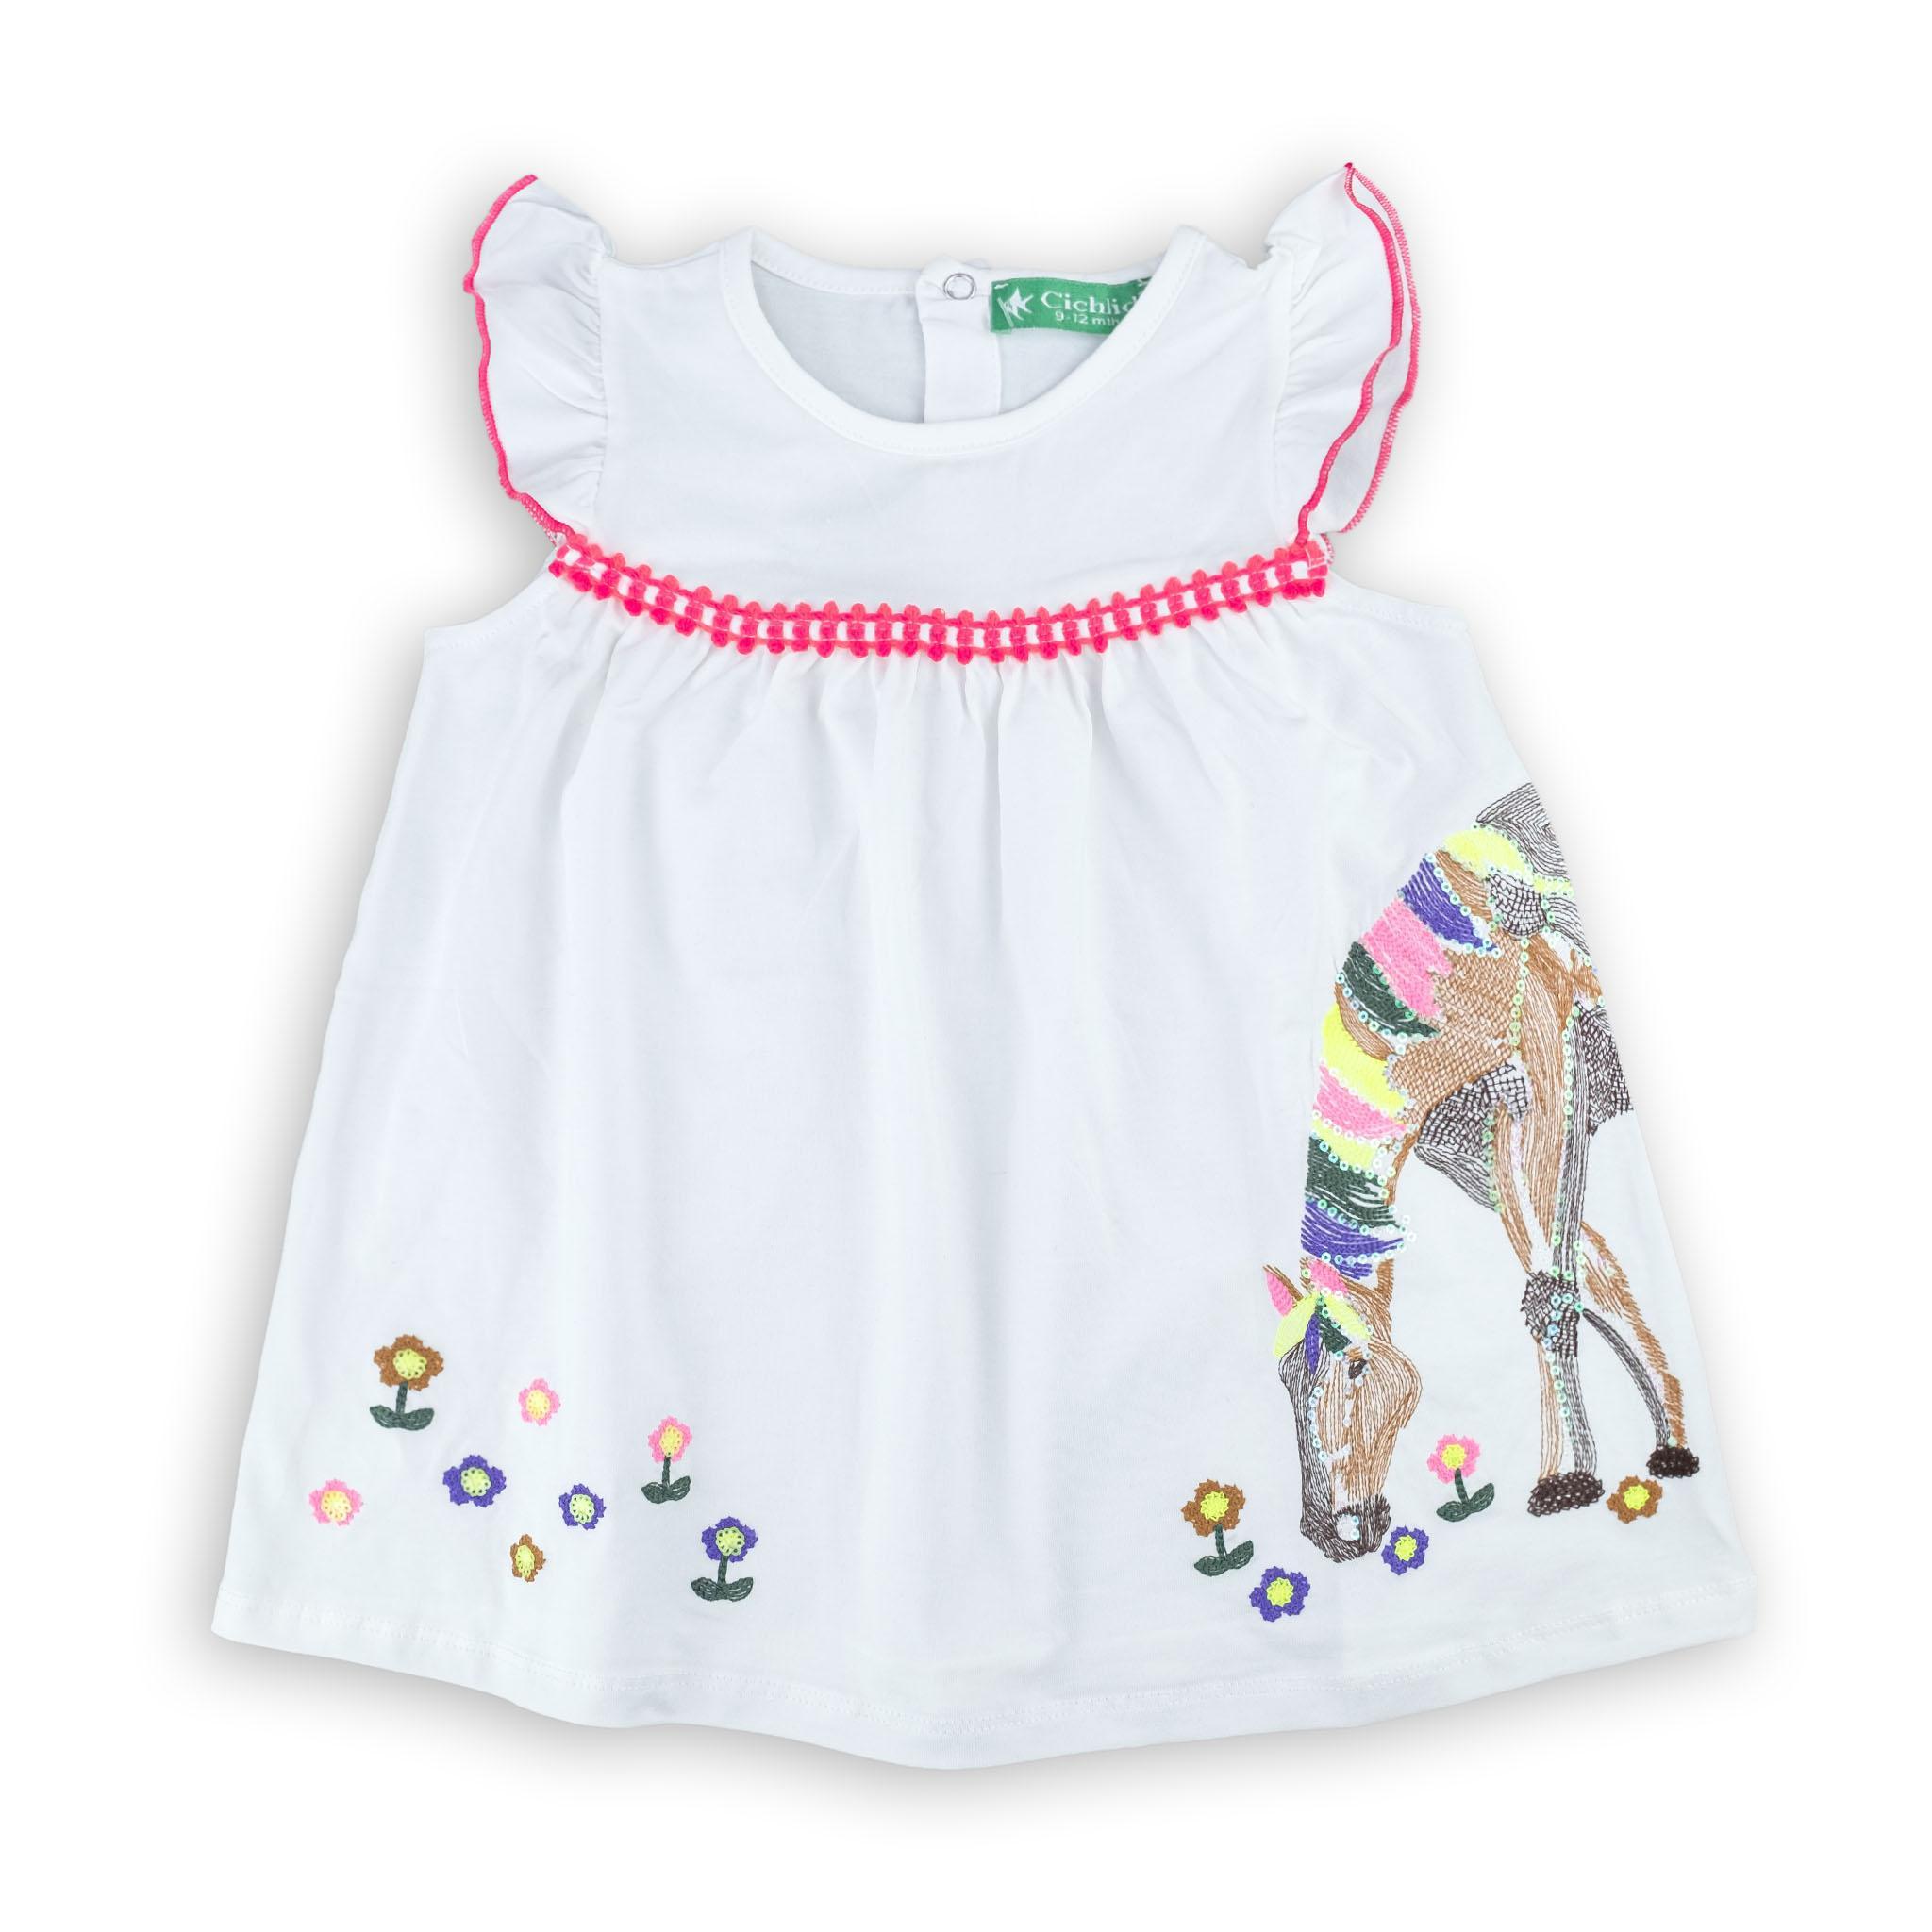 Кокетна бебешка рокличка